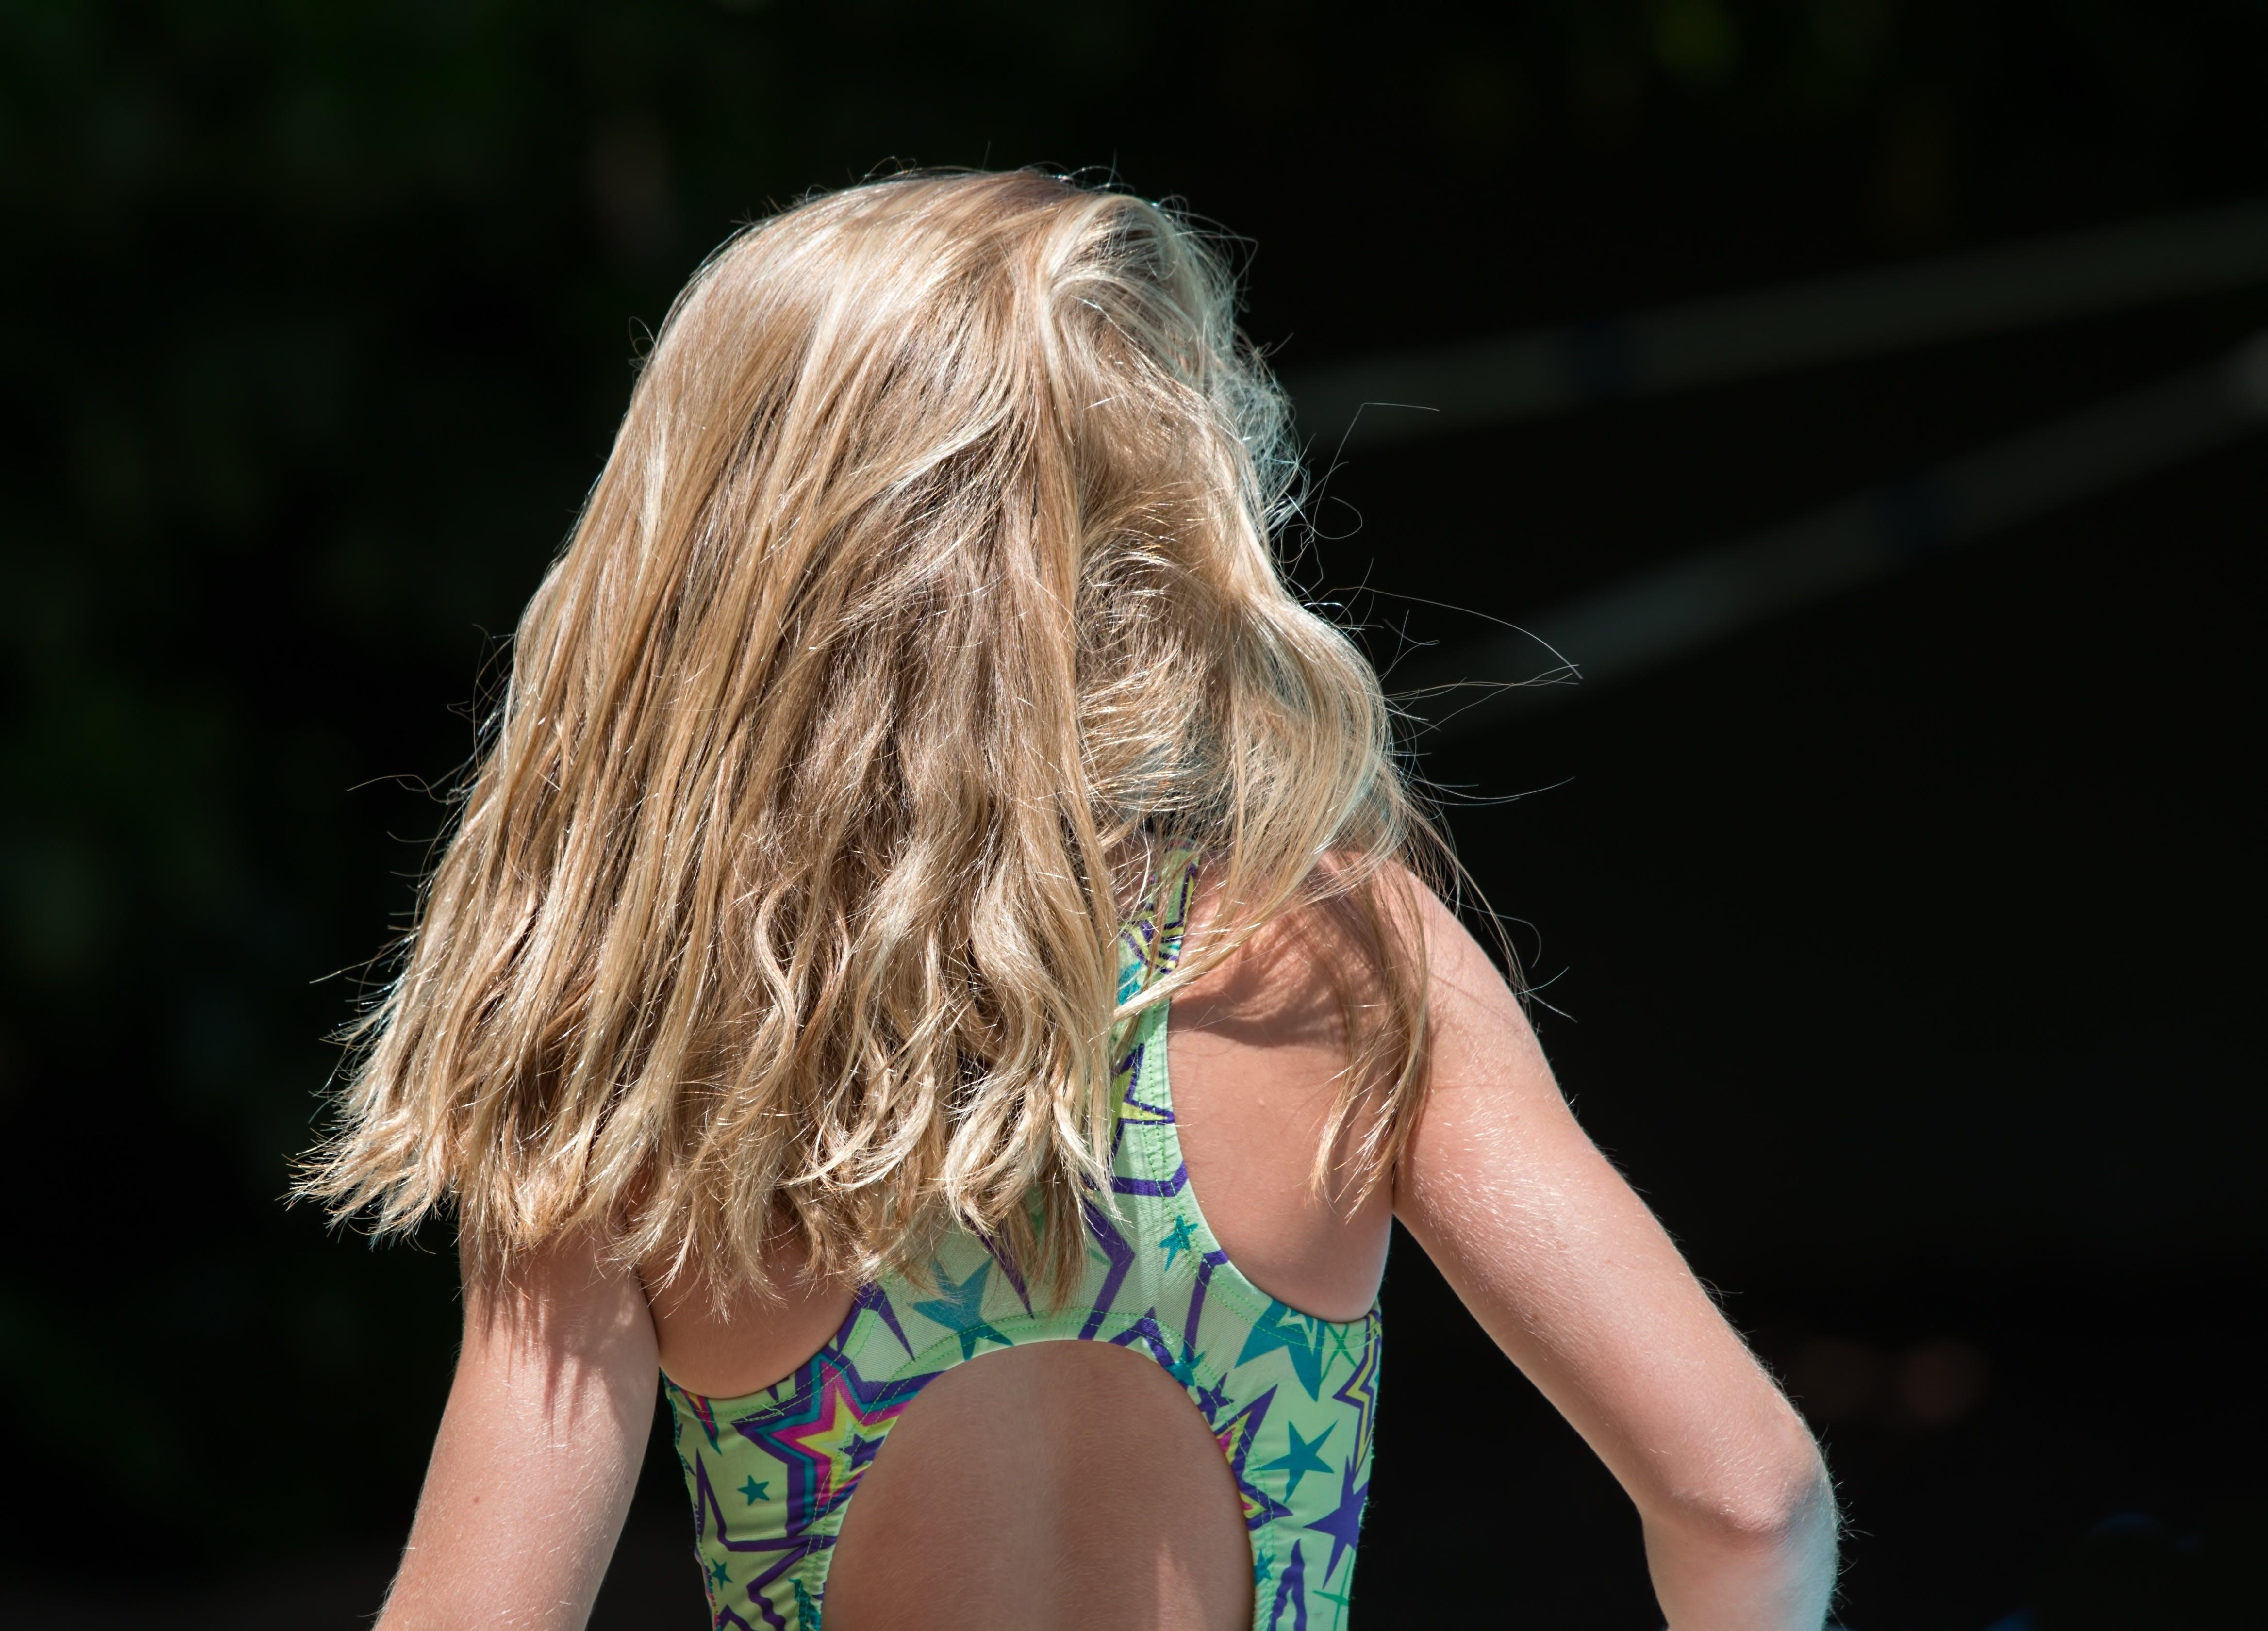 Kostenloses Stock Foto zu badeanzug, blond, blondes haar, ferien